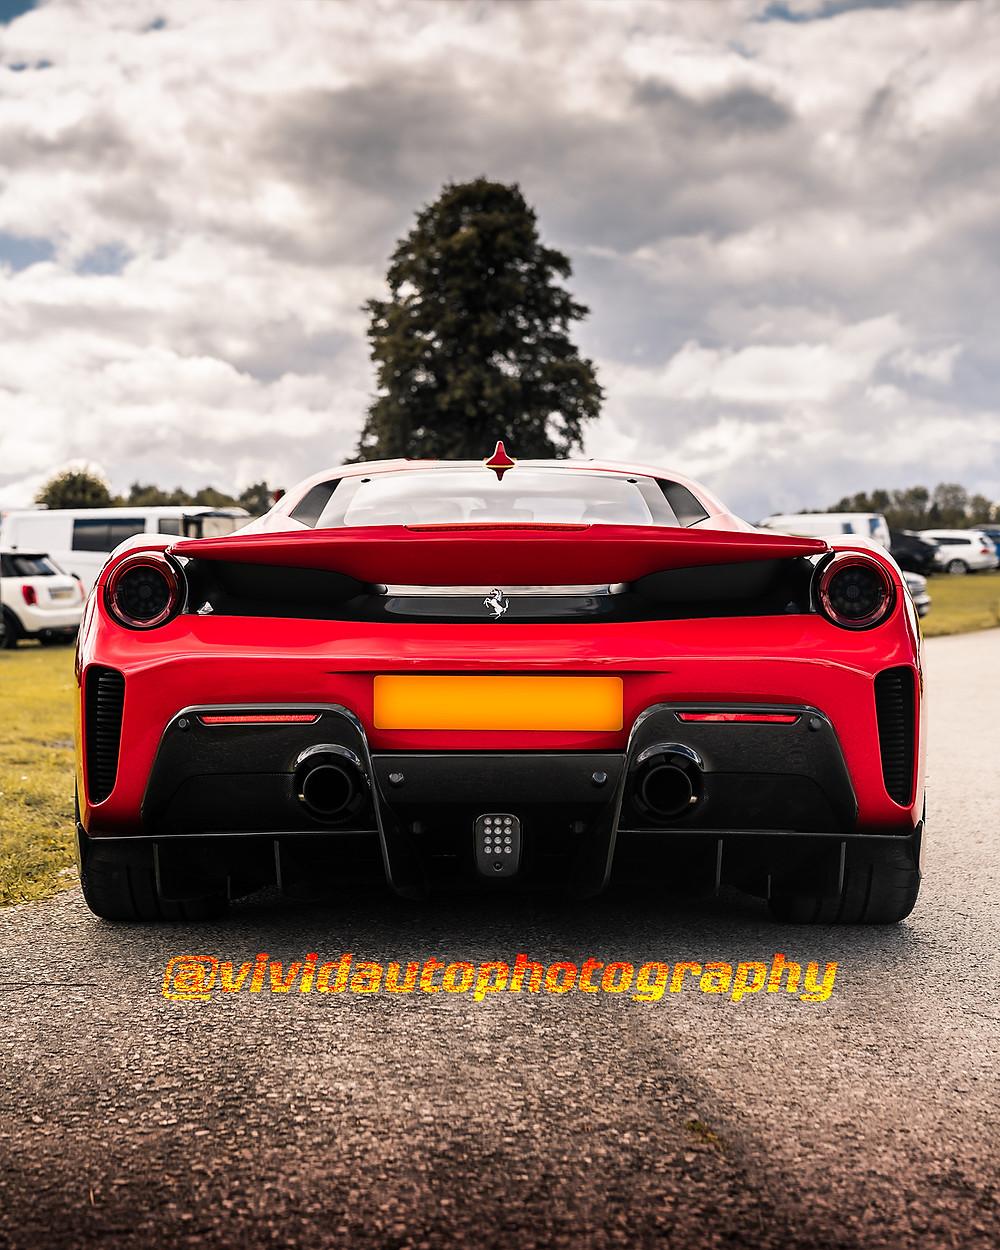 Ferrari 488 Pista | Rosso Corsa | Rear poster